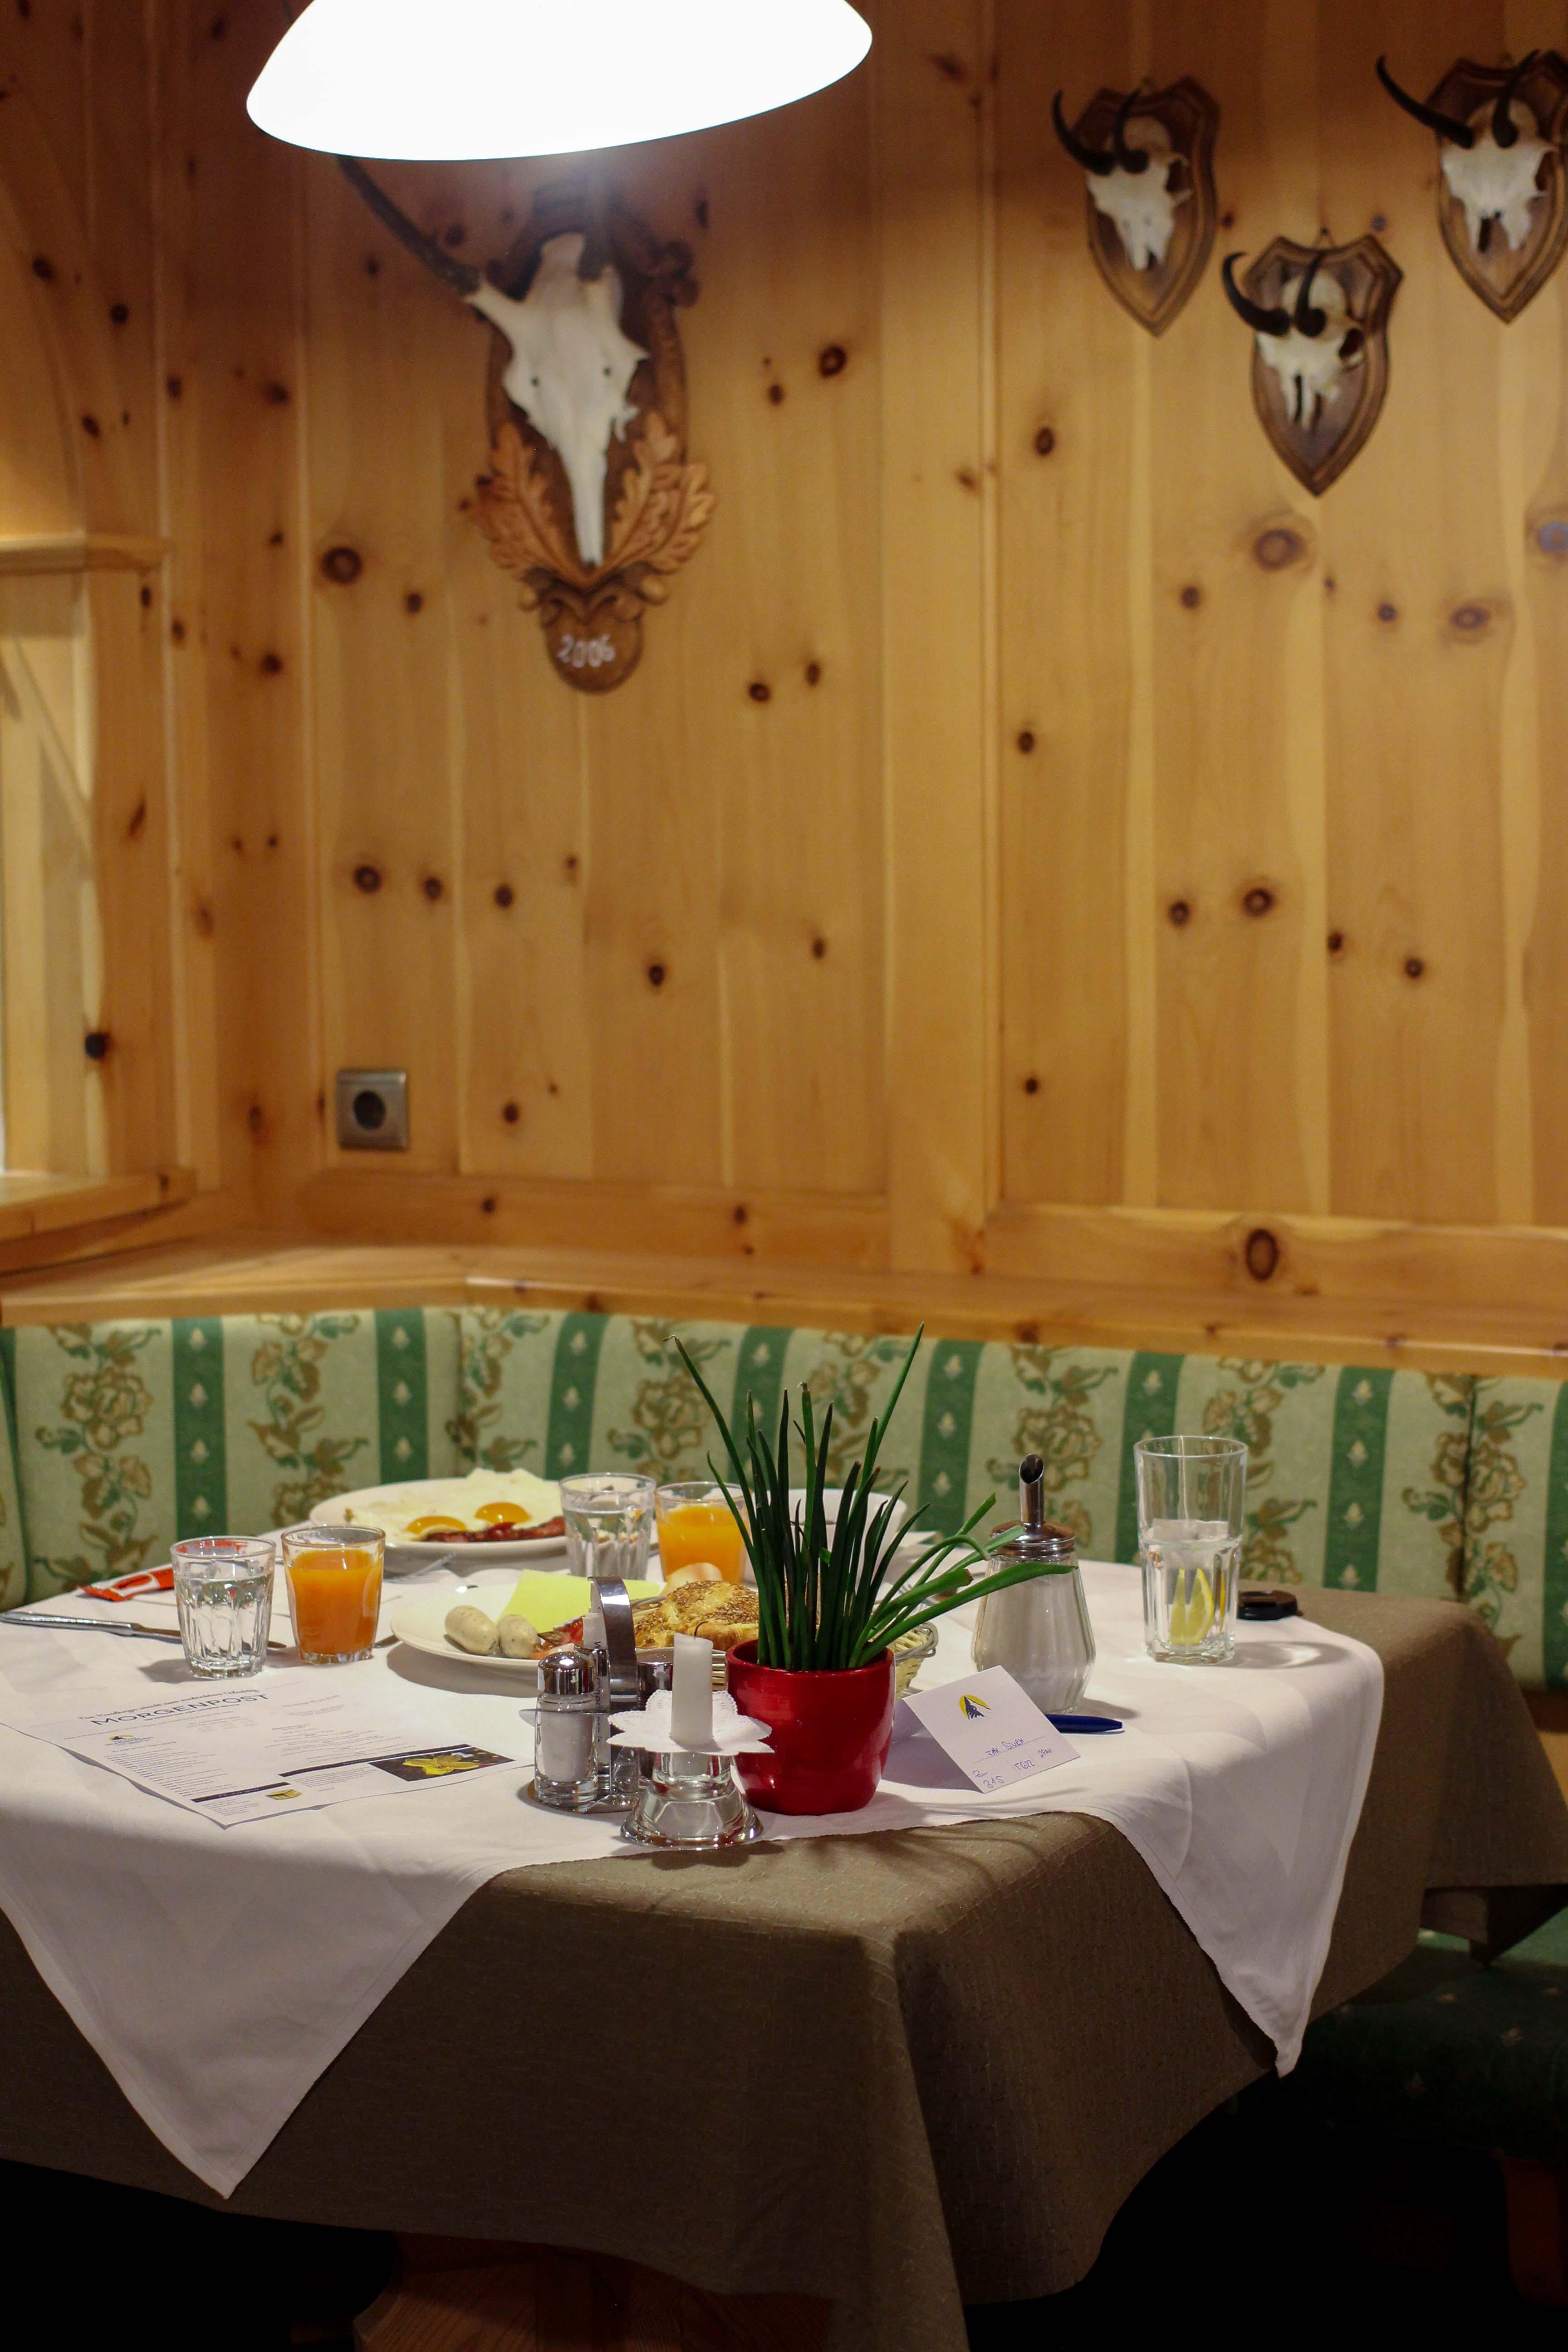 Südtirol Hotel Schneeberg Resort Spa Frühstück rustikal modernes Restaurant Holz Italien Wellnesshotel Reiseblog Wellnessurlaub Kurzurlaub Hotelempfehlung Skiurlaub